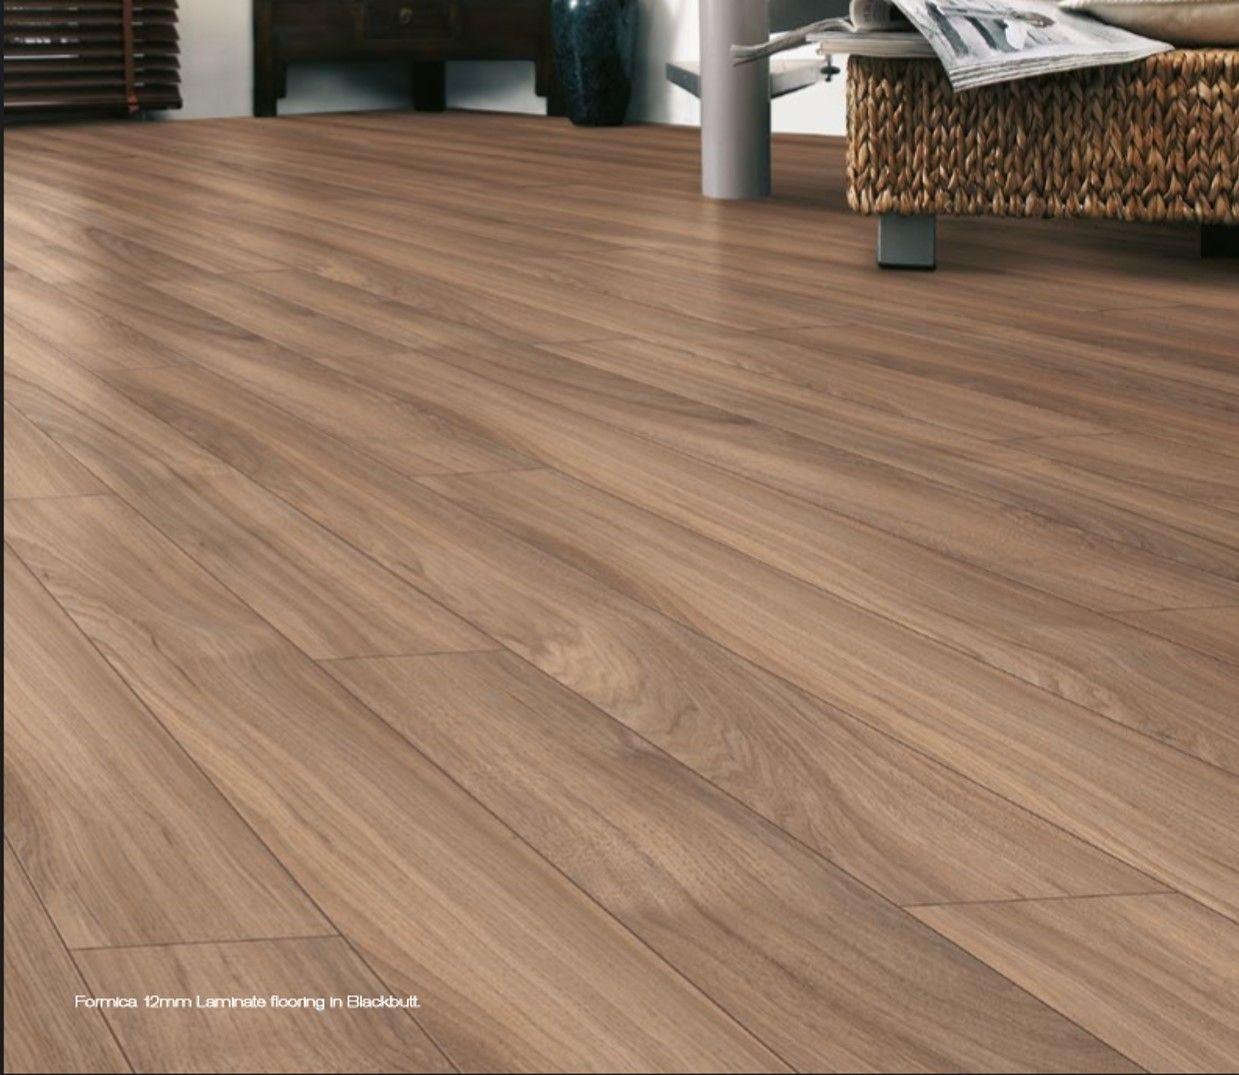 Image 1 Laminate Flooring Flooring Formica Laminate